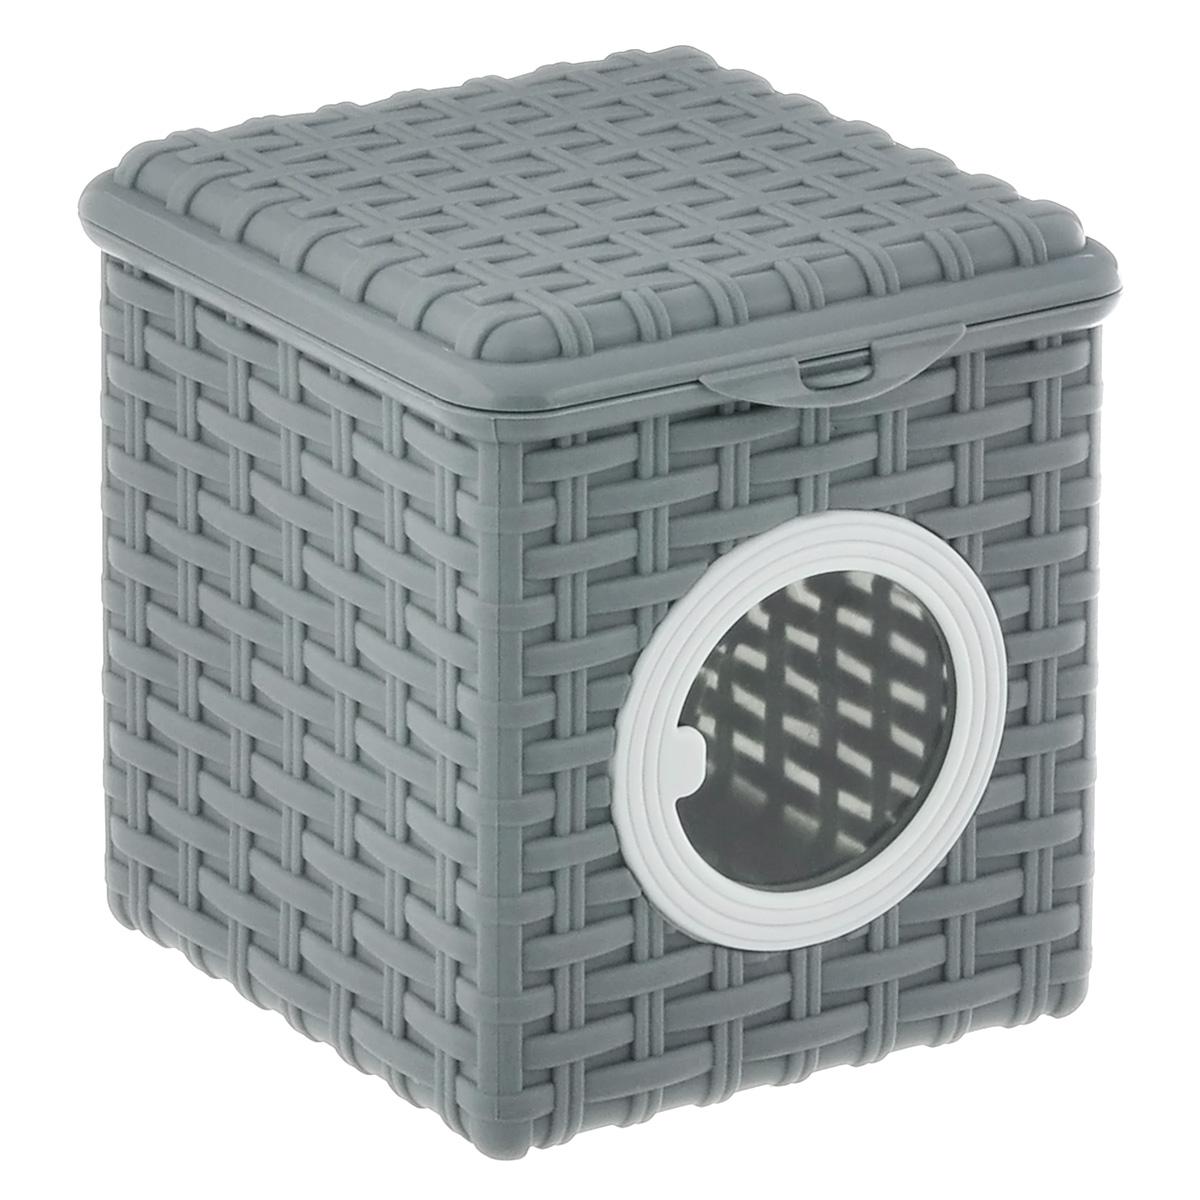 Контейнер для мелочей Violet, цвет: серый, 16 х 17 х 18 см2003/8Квадратный контейнер Violet изготовлен из прочного пластика и оформлен плетением под корзинку. Контейнер имеет прозрачное пластиковое окошко. Также у контейнера имеется откидная крышка, которая закрывается на защелку. Контейнер Violet идеально подойдет для хранения различных мелочей.Размер: 16 см х 17 см.Высота стенки: 18 см. Объем: 3 л.